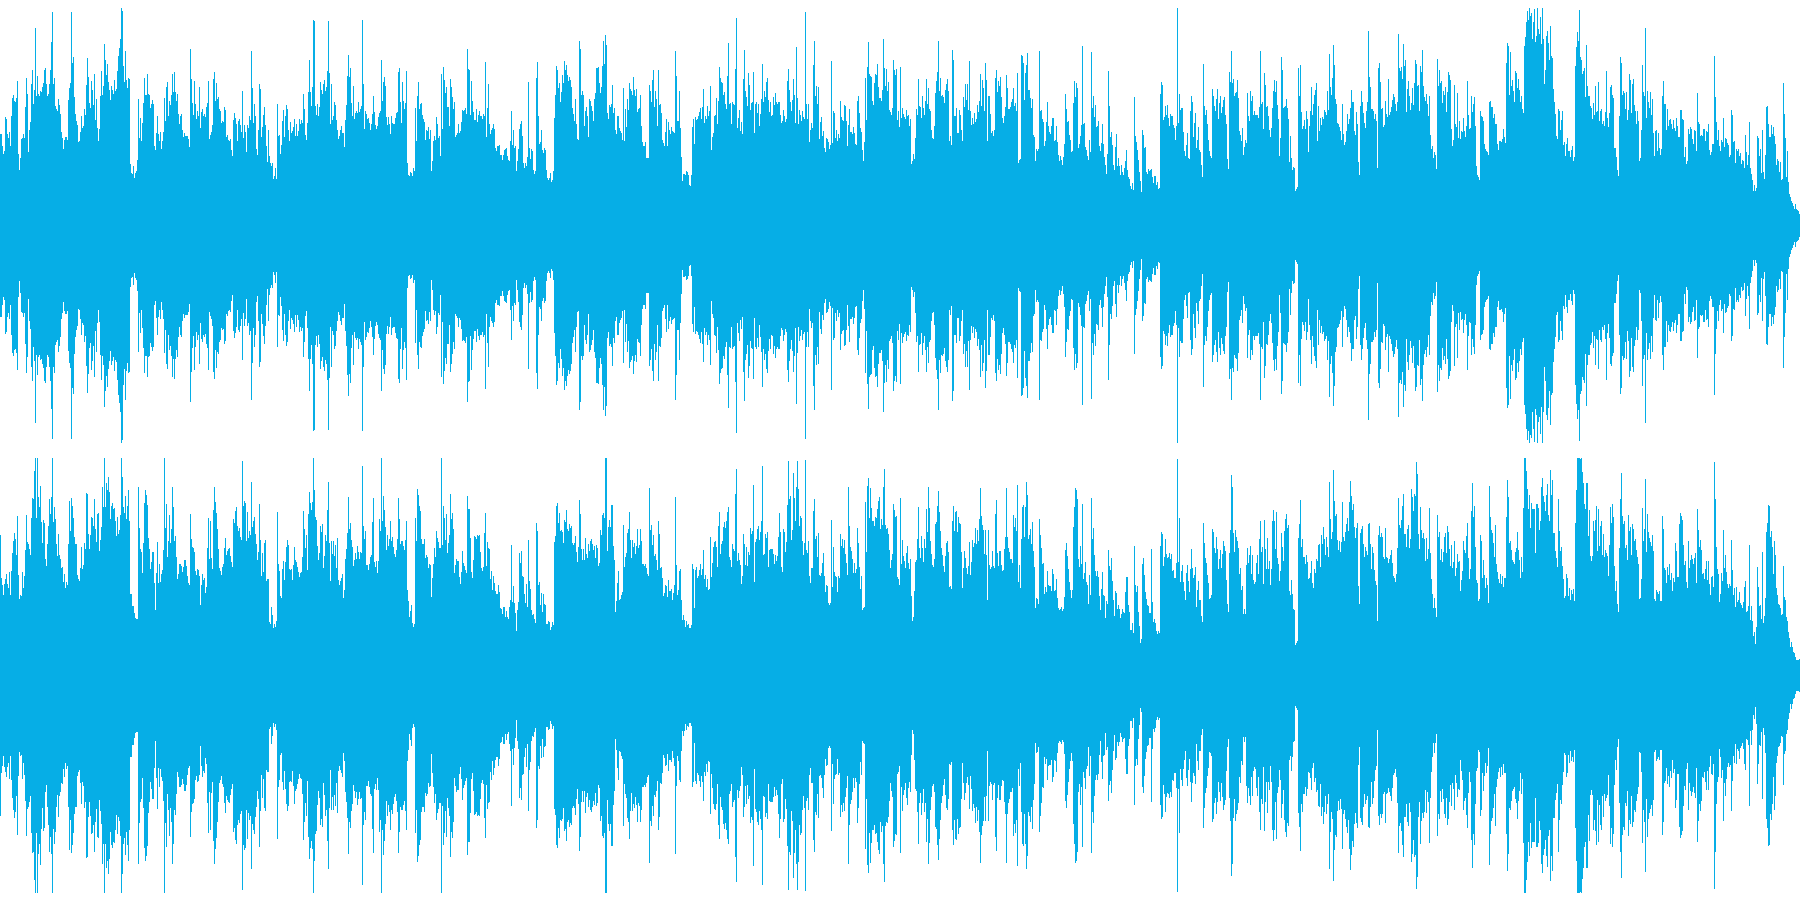 温泉や和をイメージしたBGM(ループ)の再生済みの波形